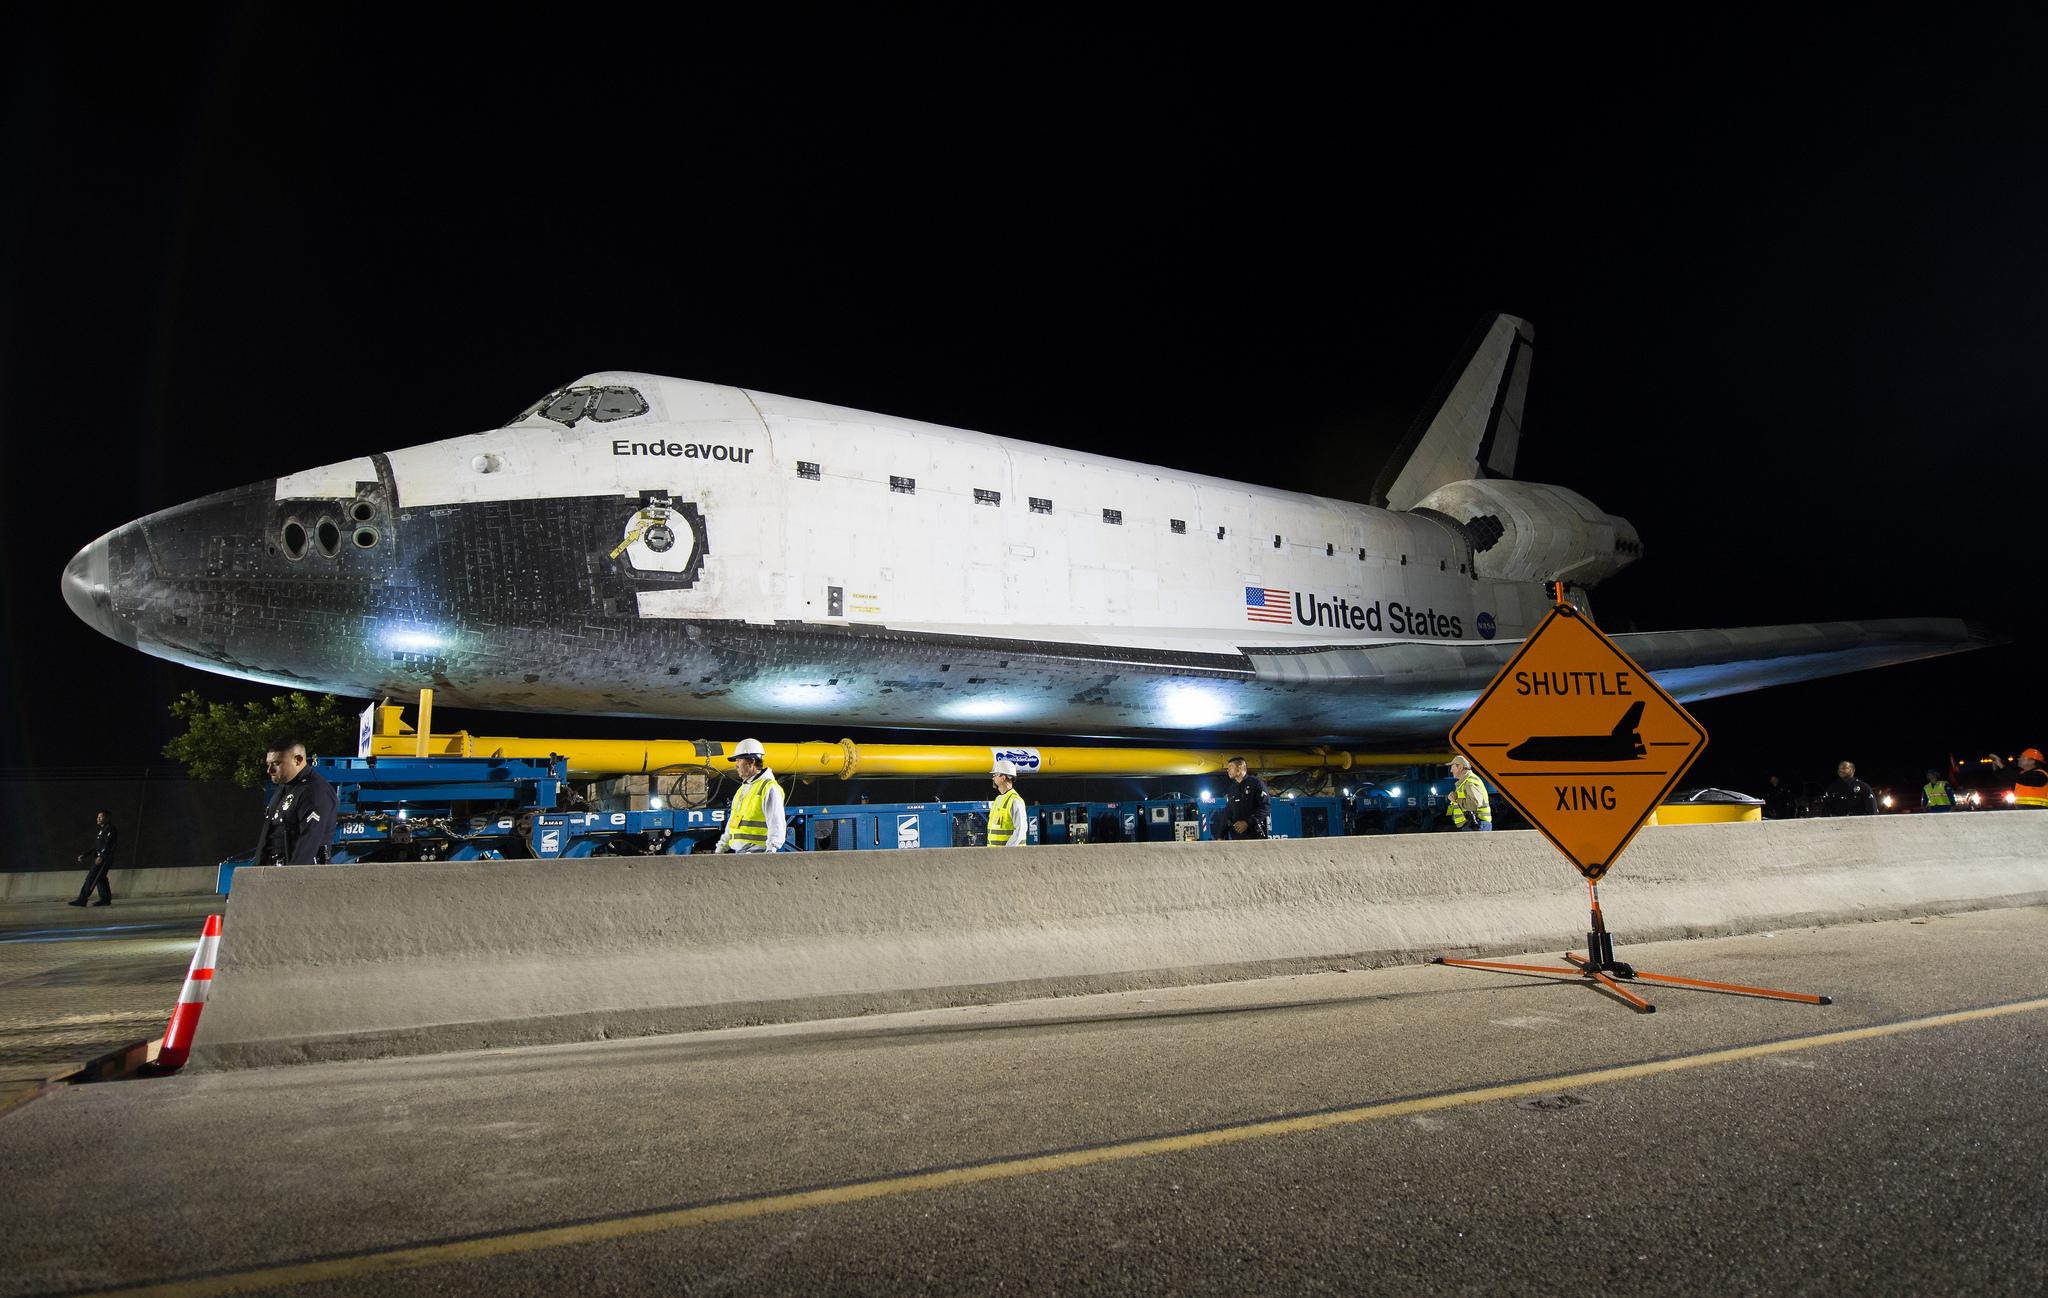 space shuttle Descarga ahora la foto space shuttle aislado encontre más imágenes libres de derechos en la colección de istock, que tiene un banco de fotos de astronauta.